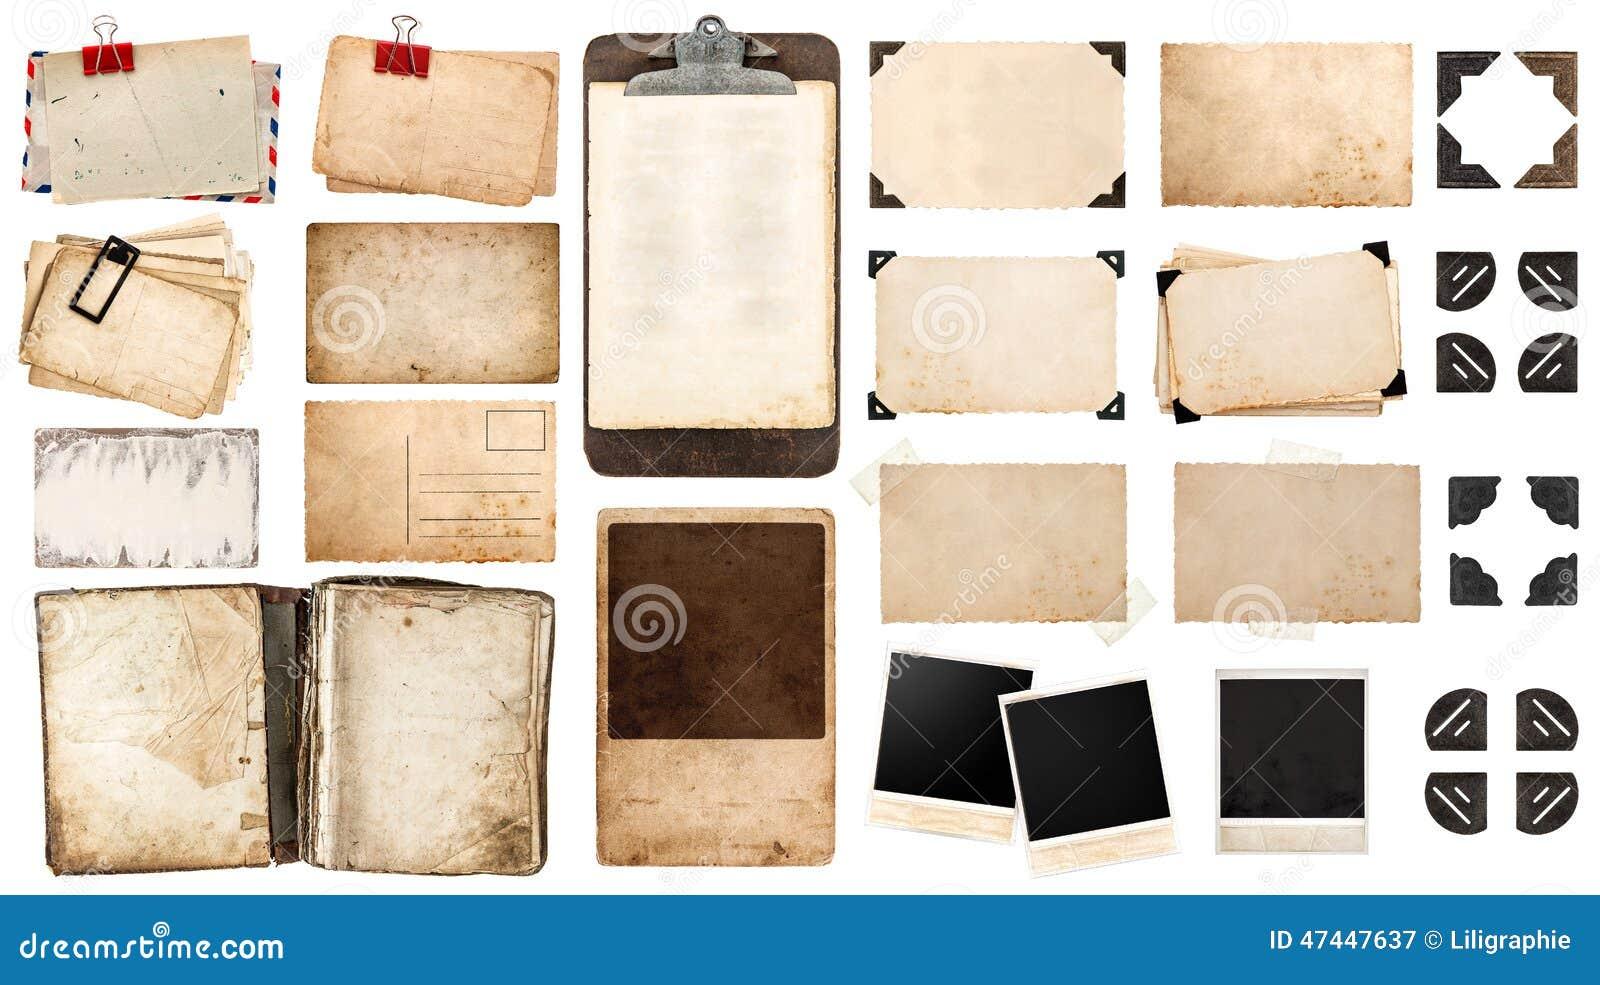 Feuilles de papier de vintage, livre, vieux cadres de photo et coins, antiqu